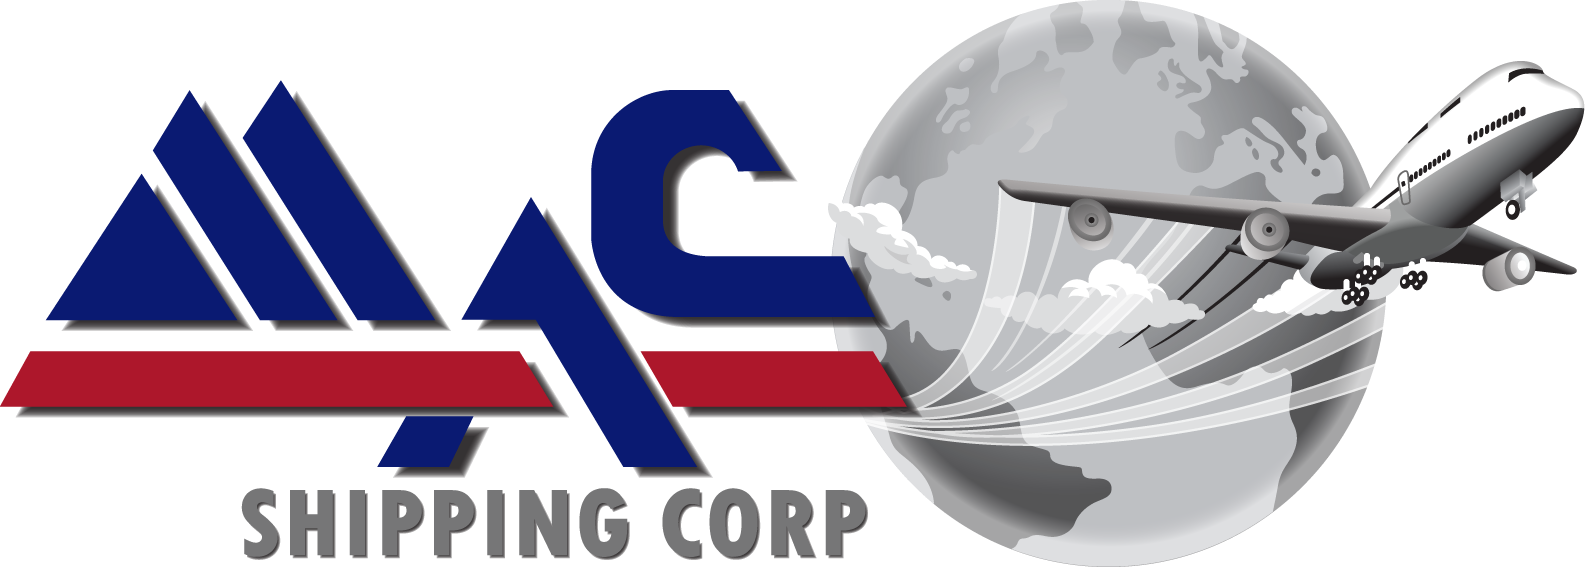 44e137c1-b662-489c-8e1f-23966e5ef17eMAC Logo copy